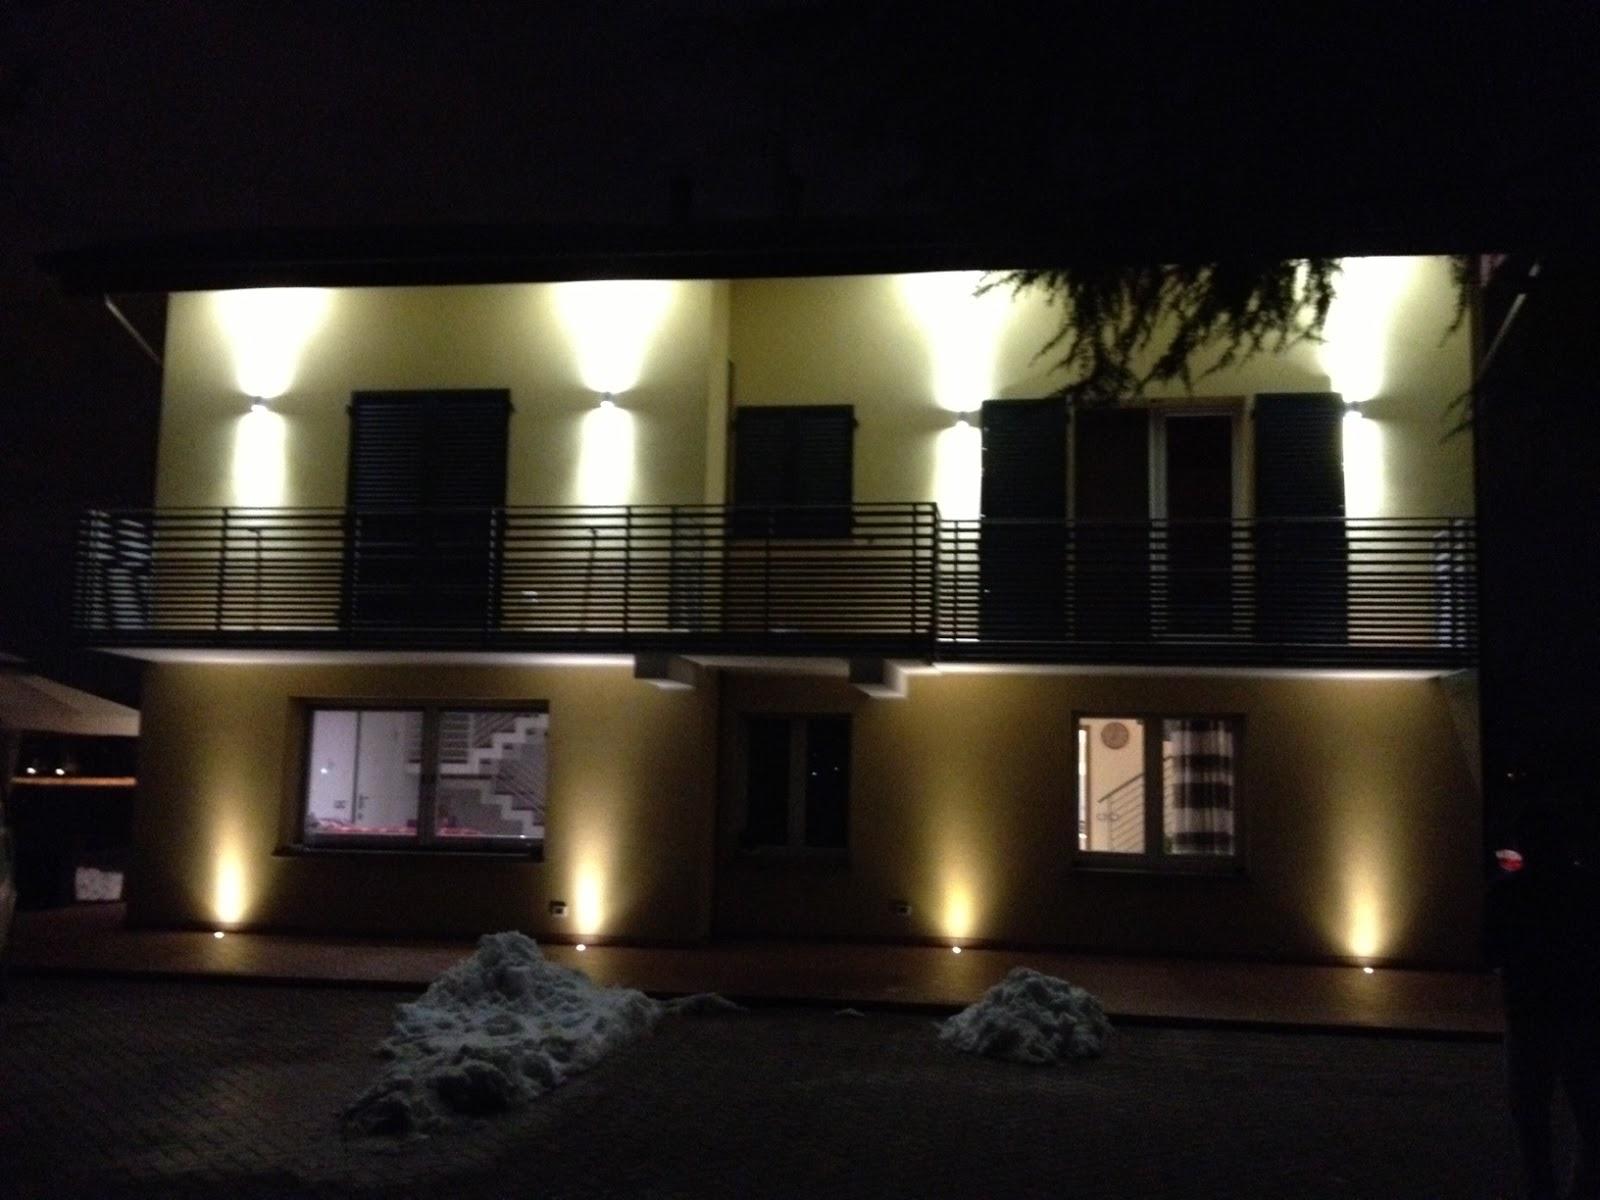 Lampadari ingresso ikea: lampadari ikea per tutta la casa. lampade ...